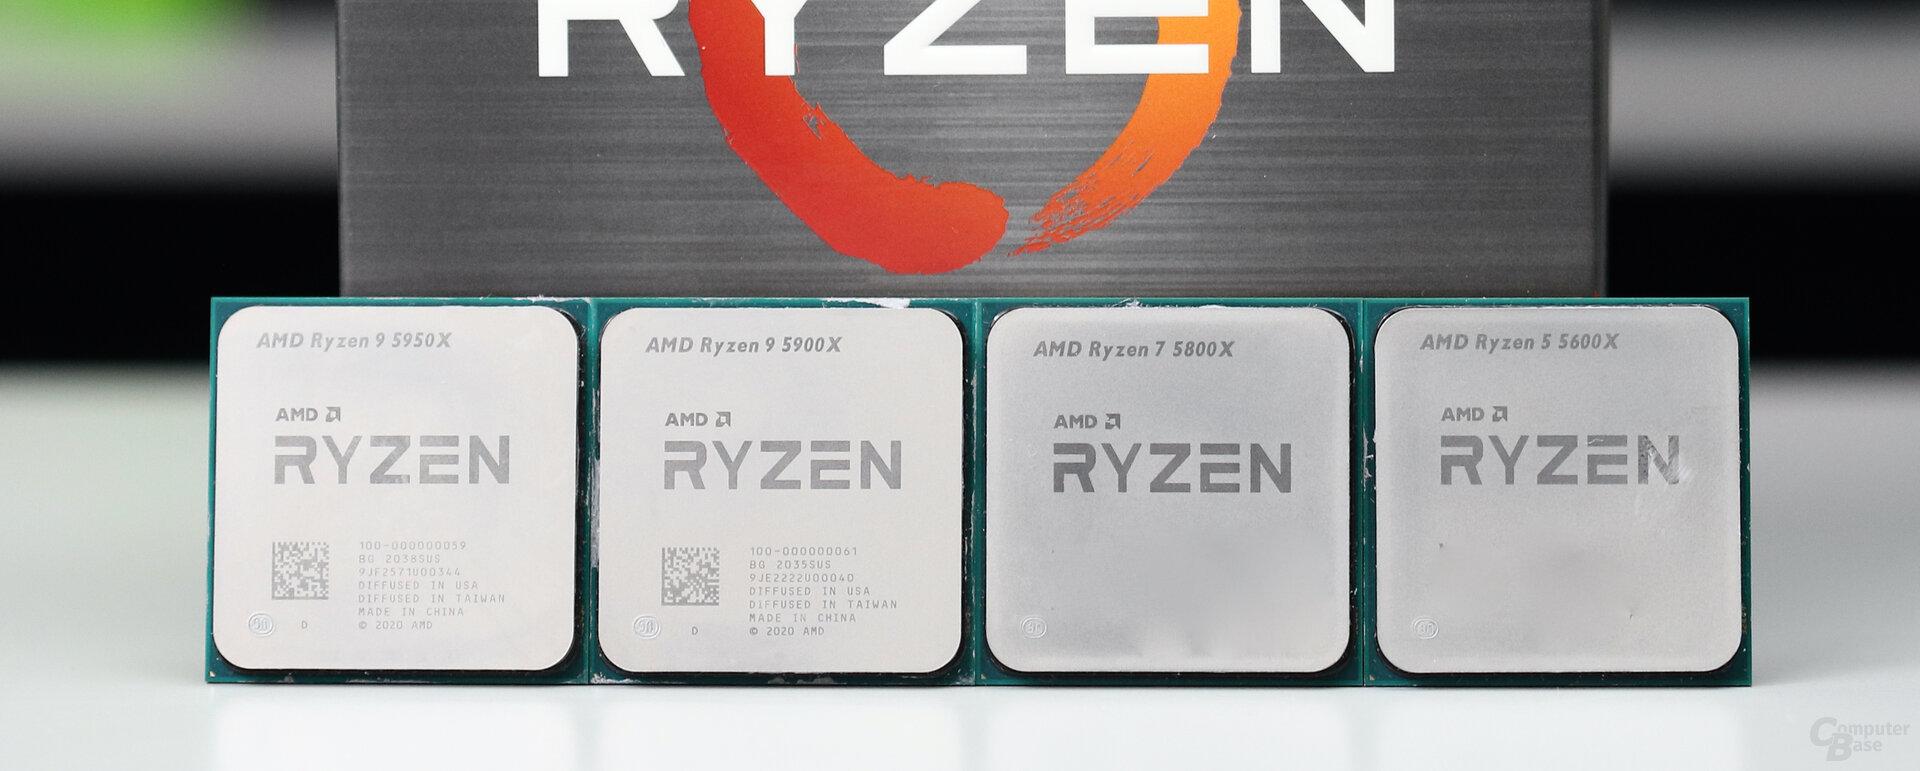 AMD Ryzen 9 5950X, 5900X, Ryzen 7 5800X und Ryzen 5 5600X im Test